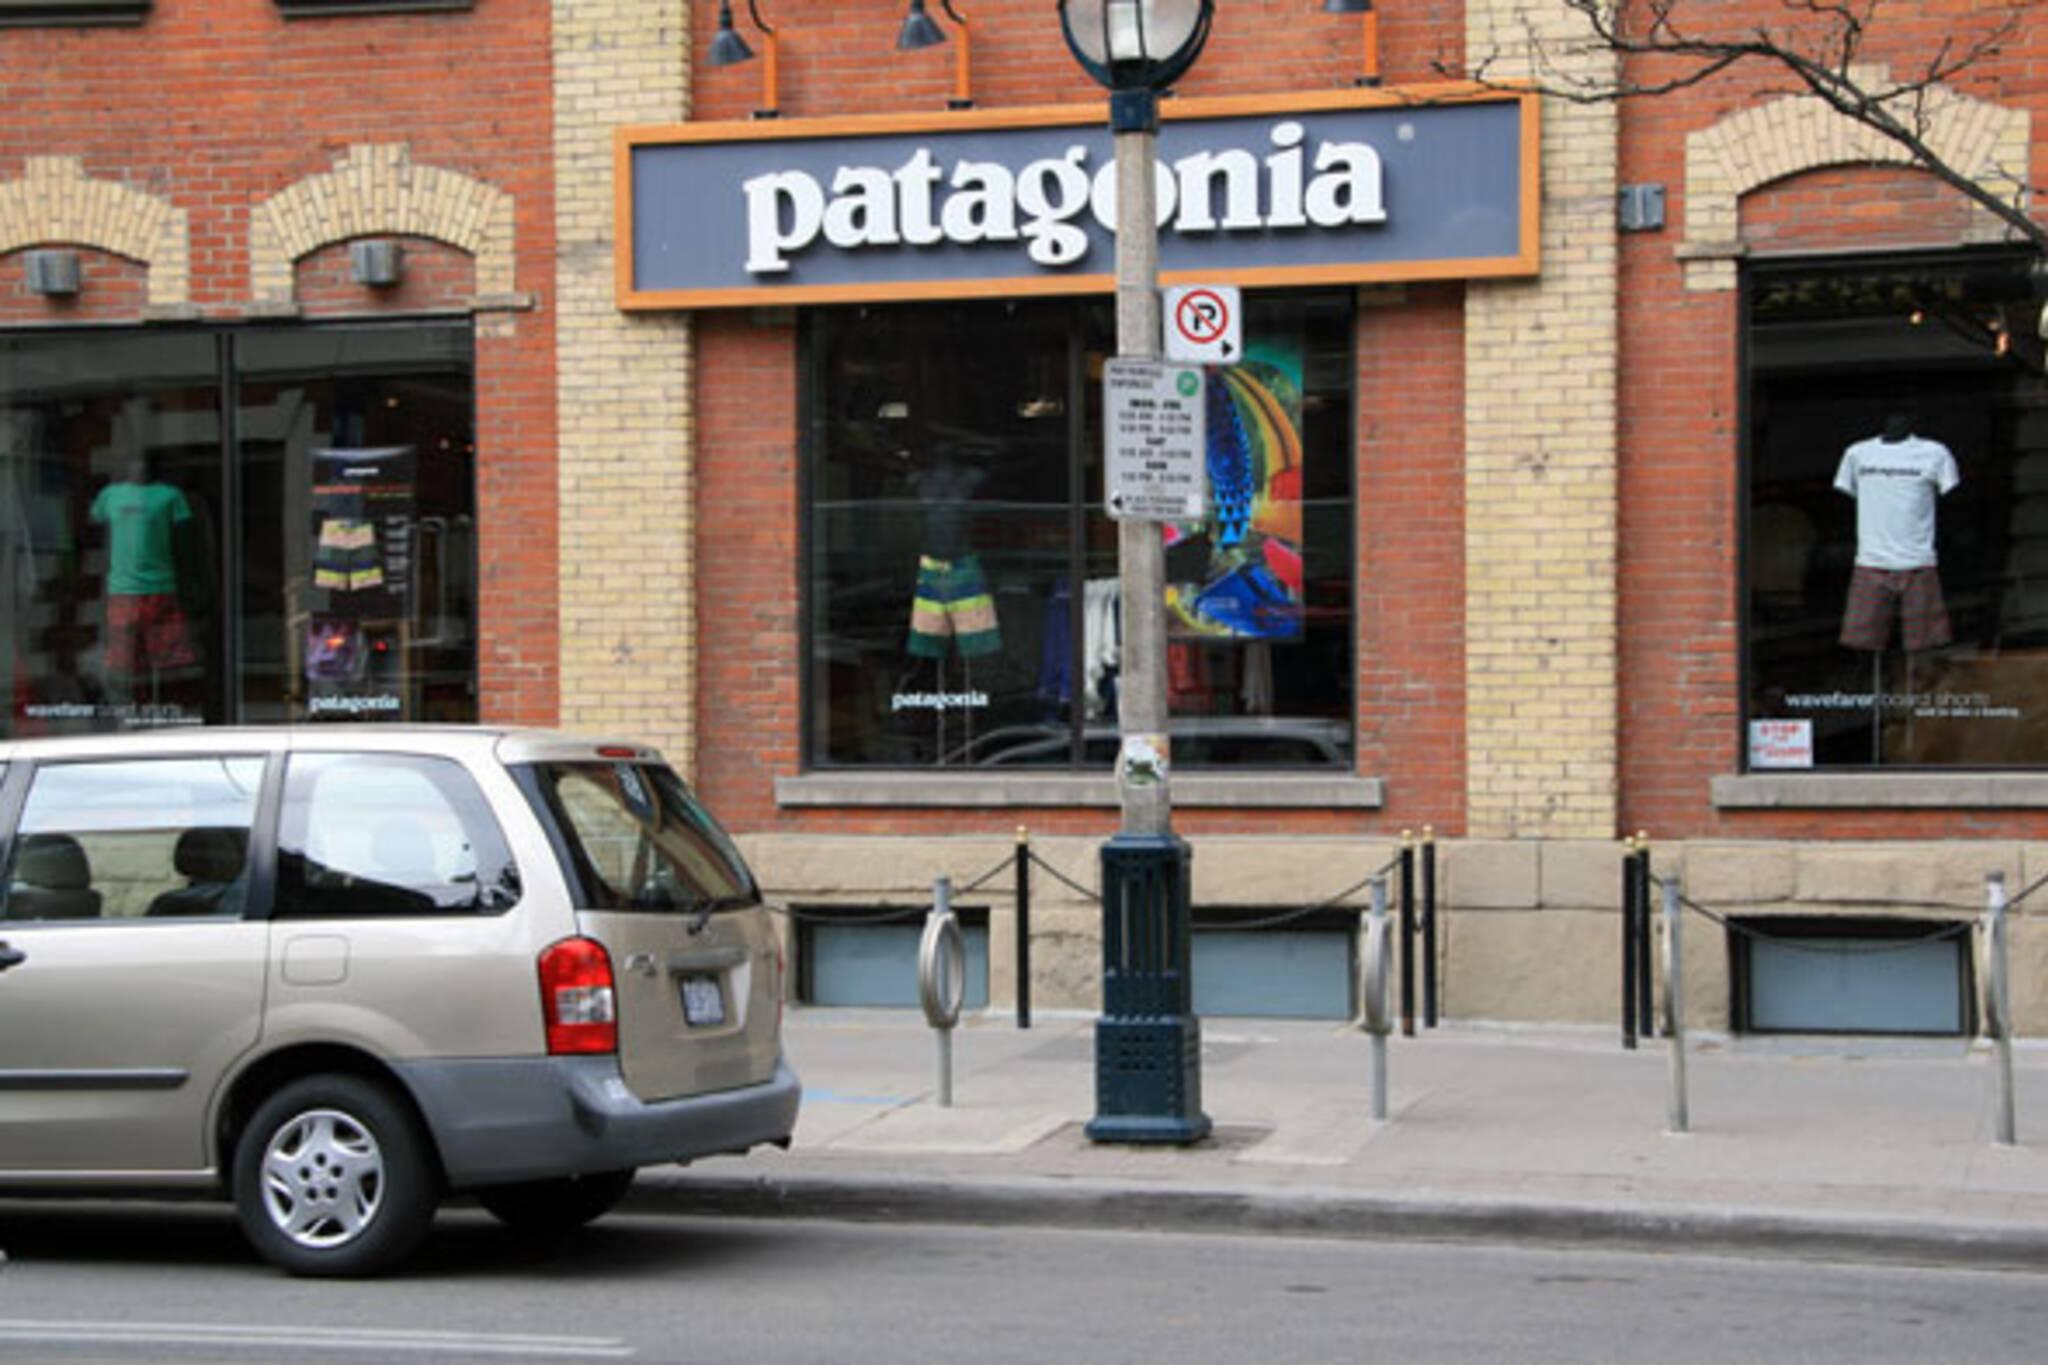 Patagonia Toronto